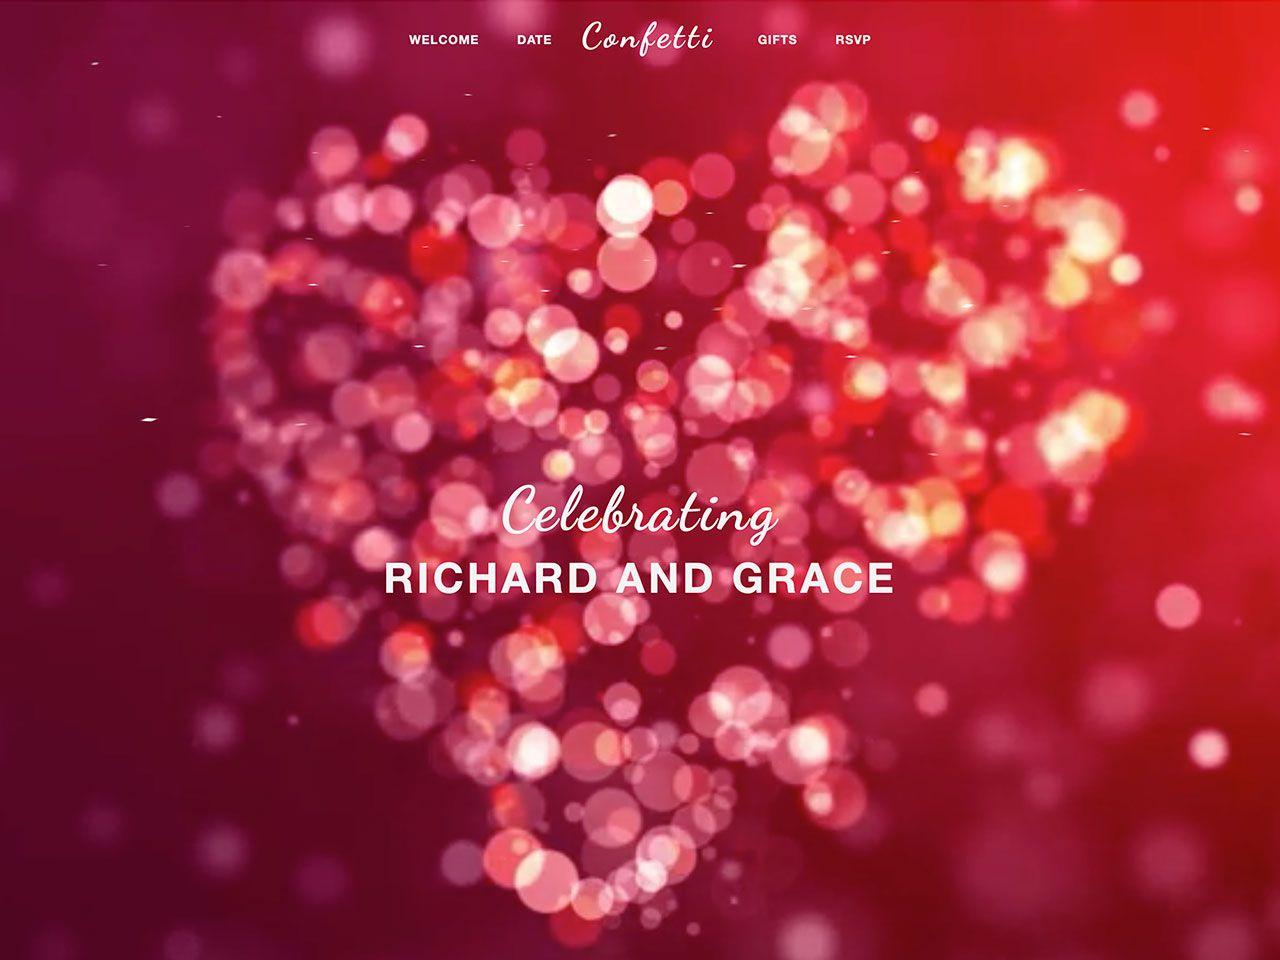 Confetti-五彩纸屑、婚庆